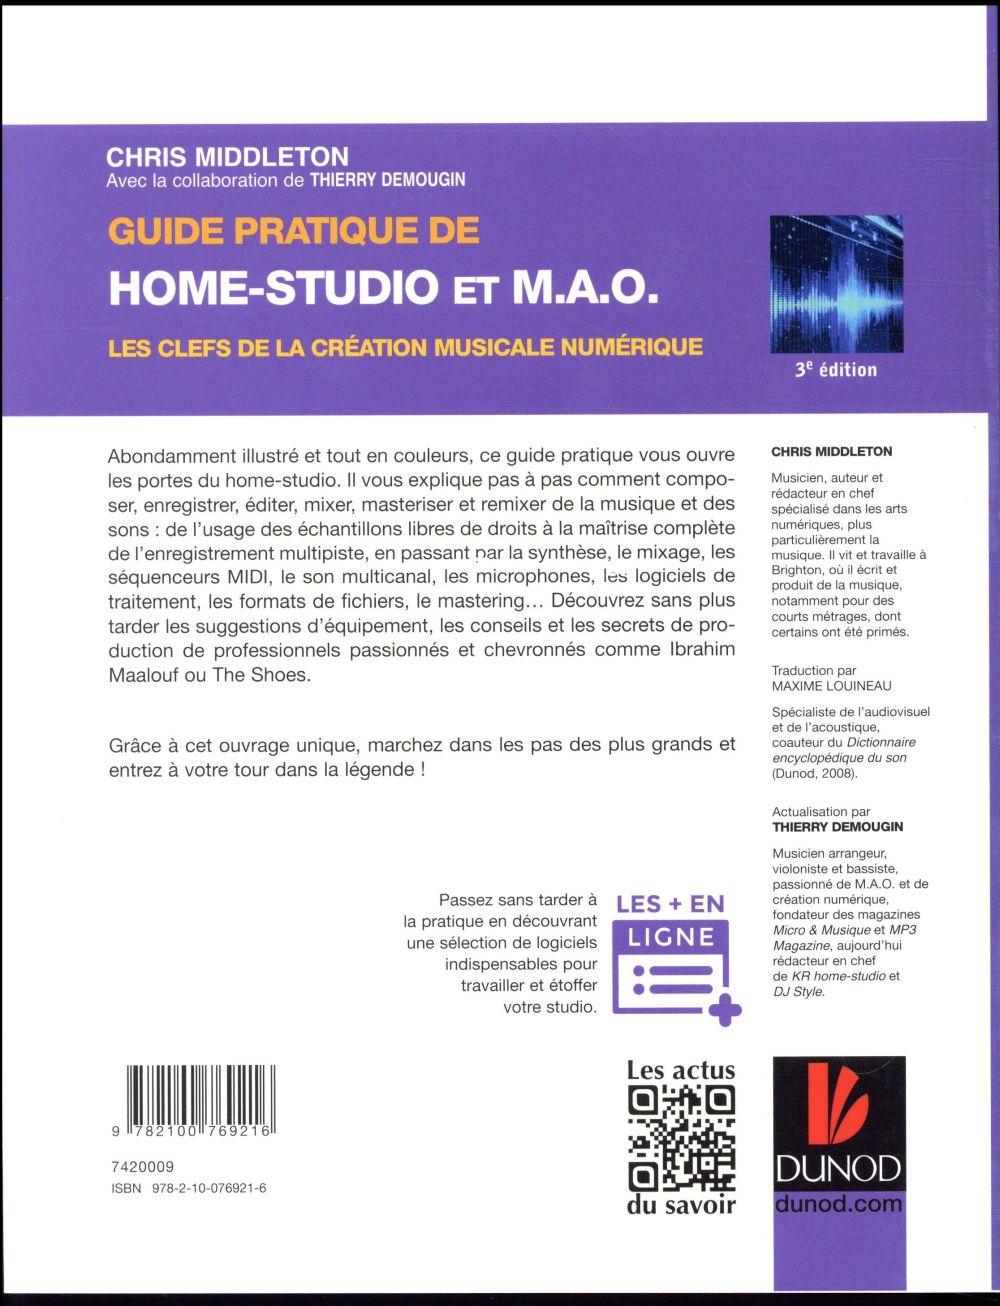 guide pratique de home studio et mao les clefs de la creation musicale numerique 3e edition chris middleton dunod grand format le hall du